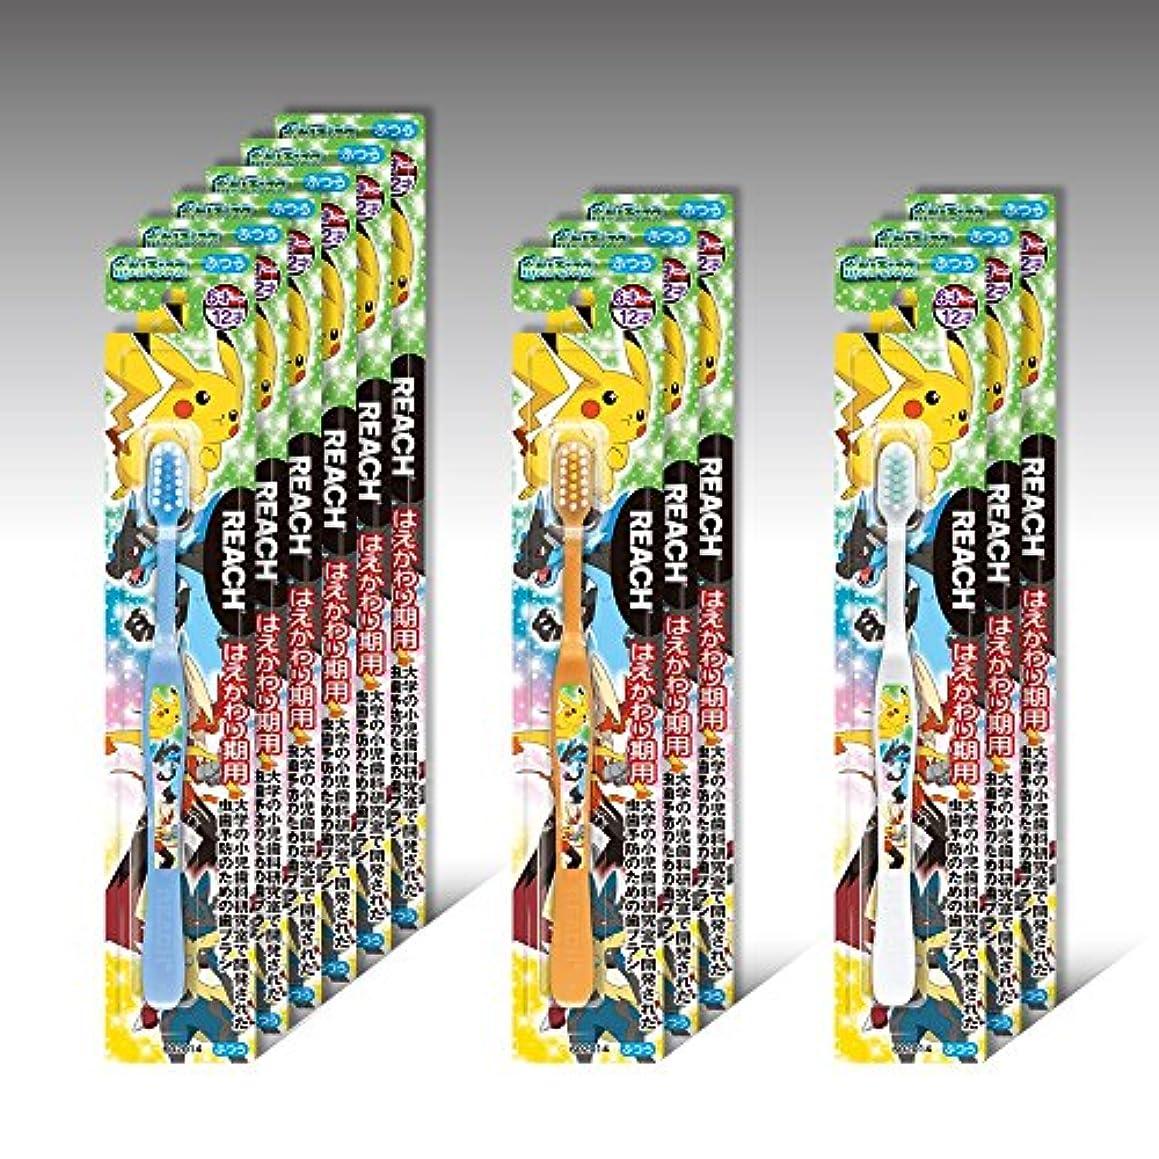 キリン愛人スナッチリーチキッズ ポケットモンスター はえかわり期用(6~12才) 12本セット